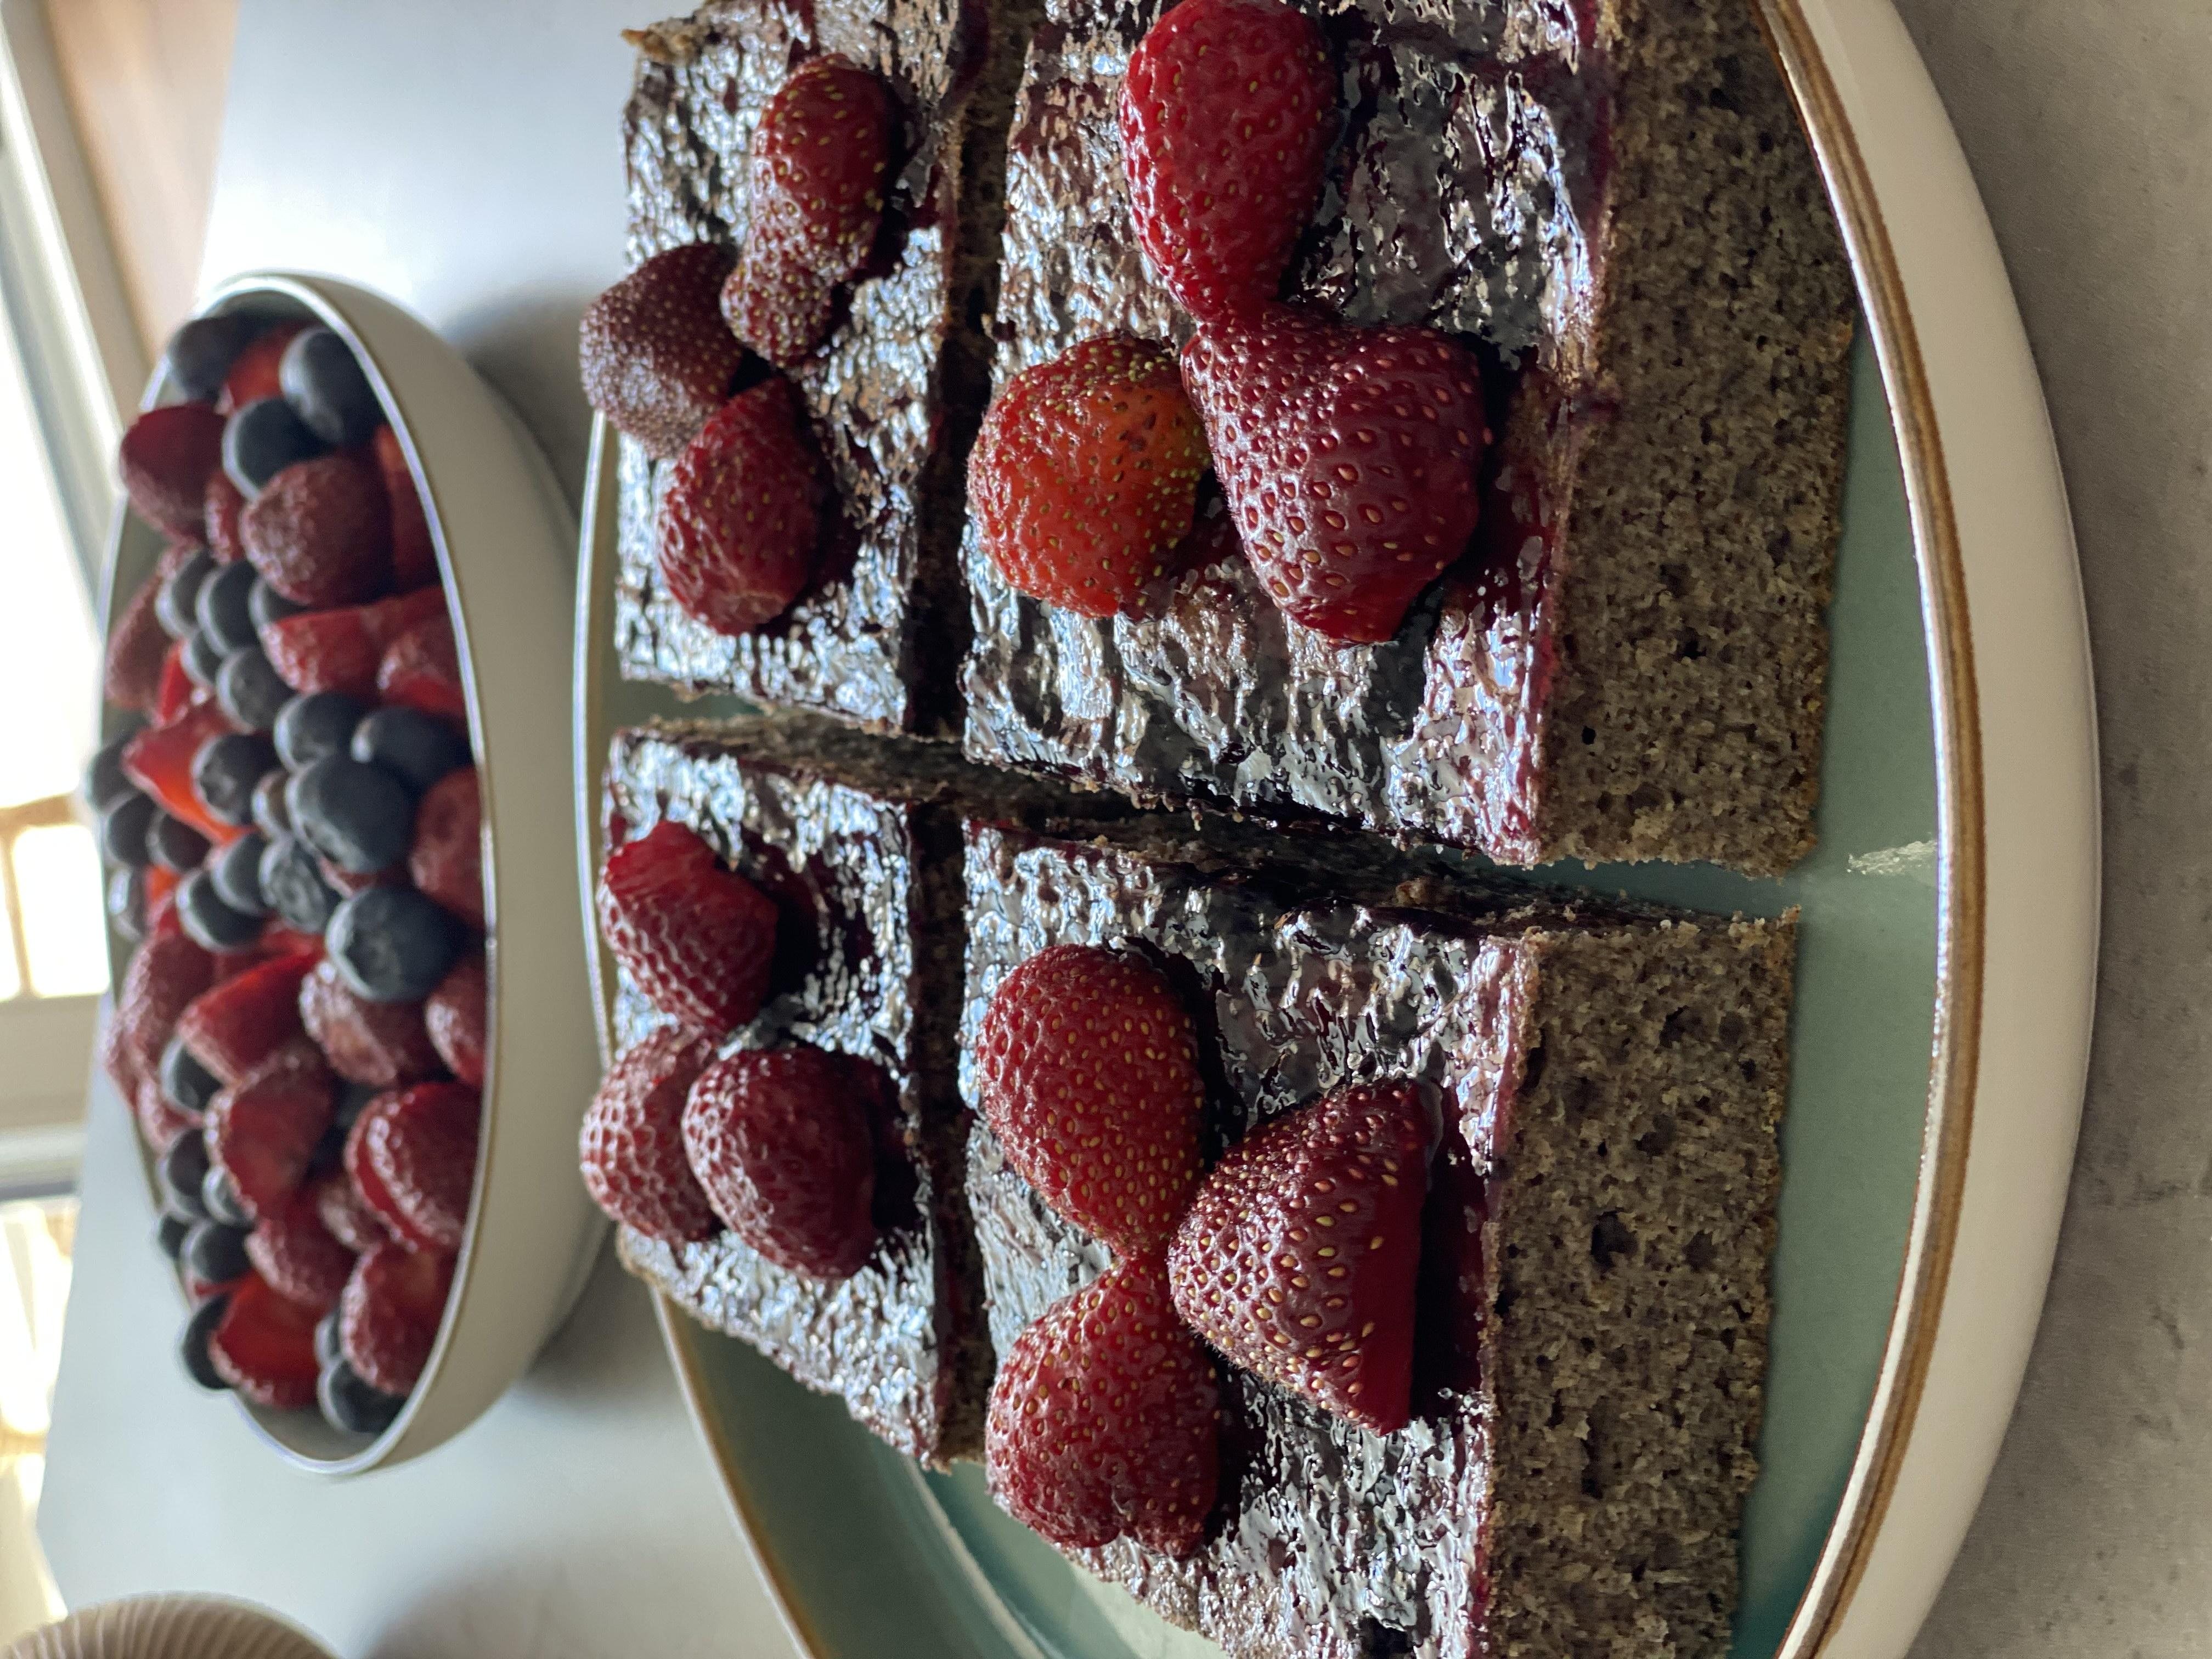 Makový koláč s čučoriedkovou polevou vhodný aj pre malé deti. Inšpirujte sa receptom od výživovej poradkyne